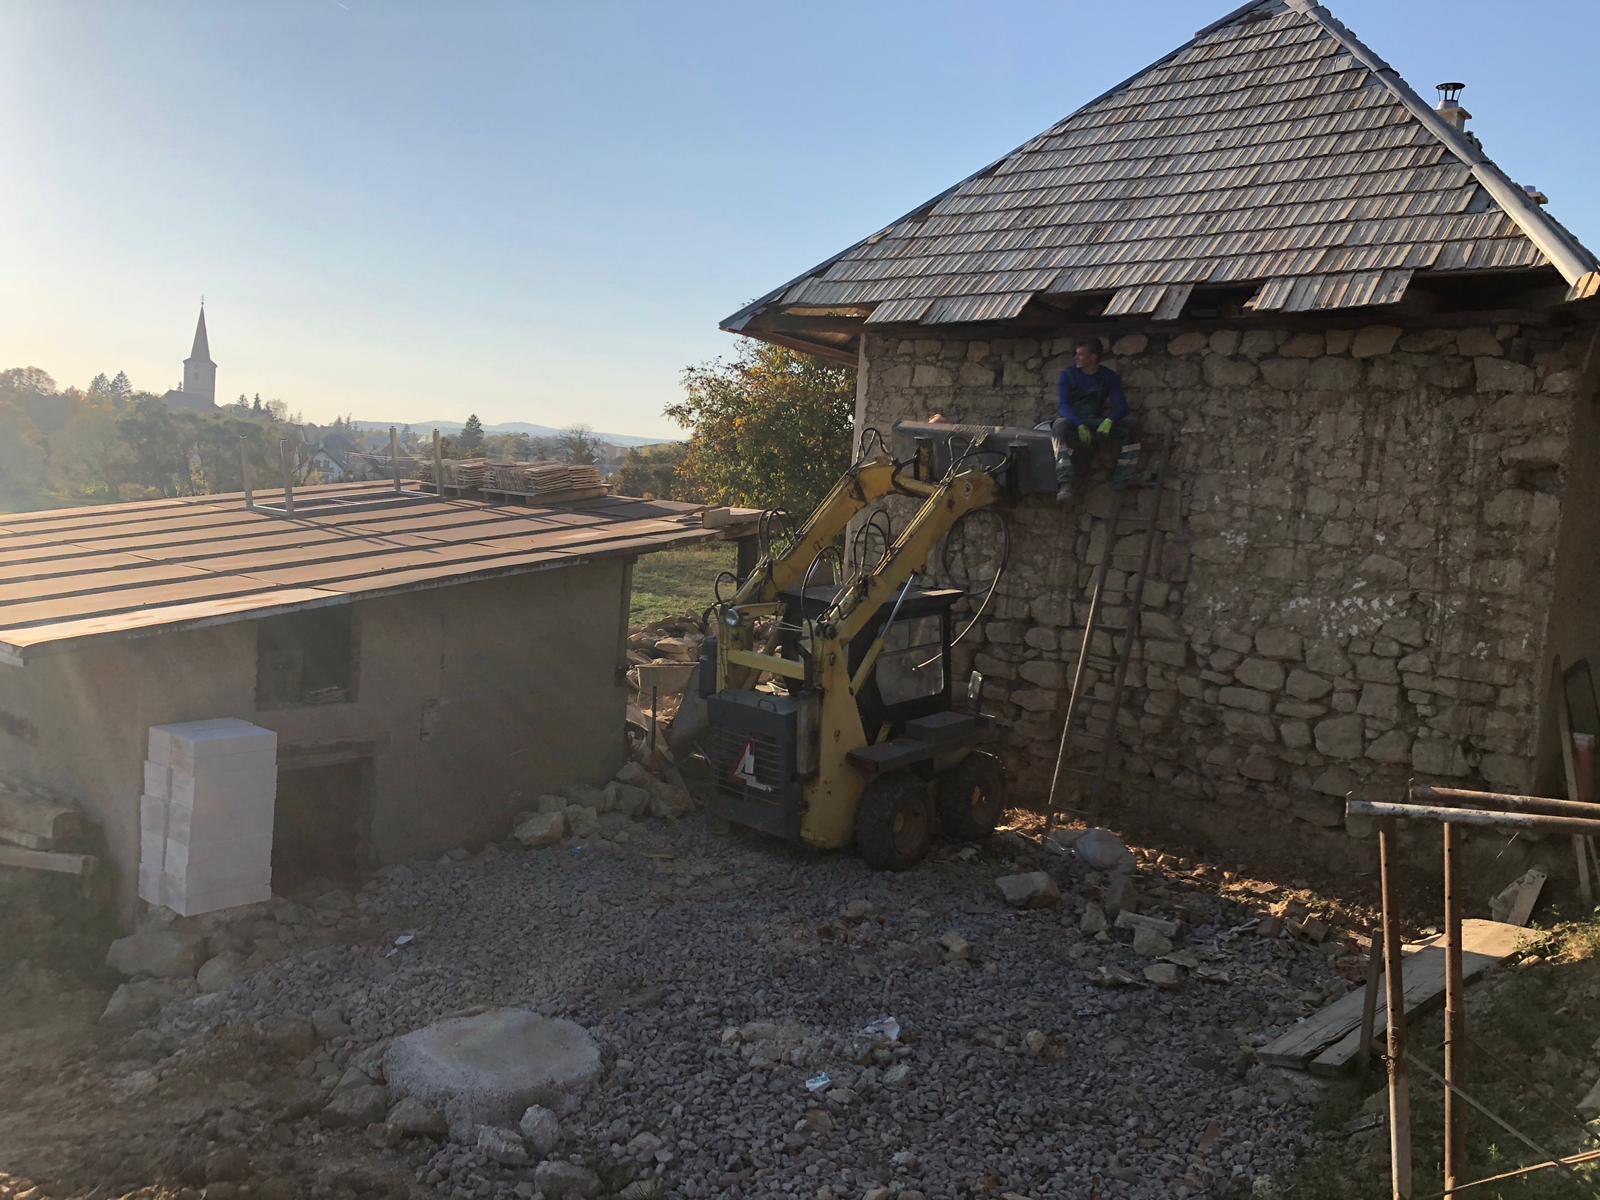 HACIENDA NAPOLI SEBECHLEBY - domurovanie steny v altanku...netreba ani lesenie